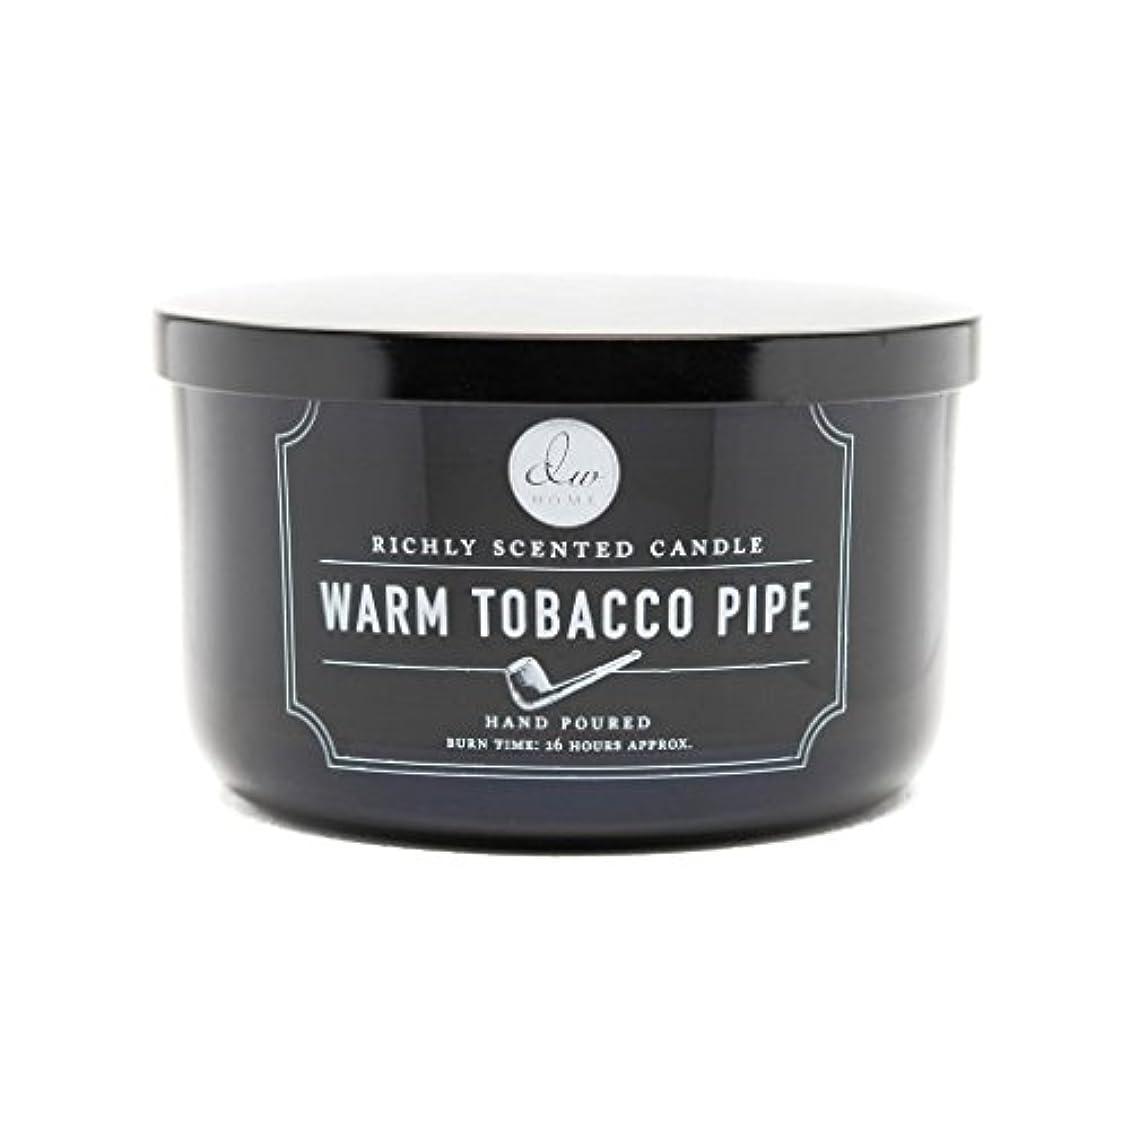 孤独な予見する合わせてDecoware Richly Scented Warm Tobacco Pipe 3-Wick Candle 13.8 Oz. In Glass by Decoware